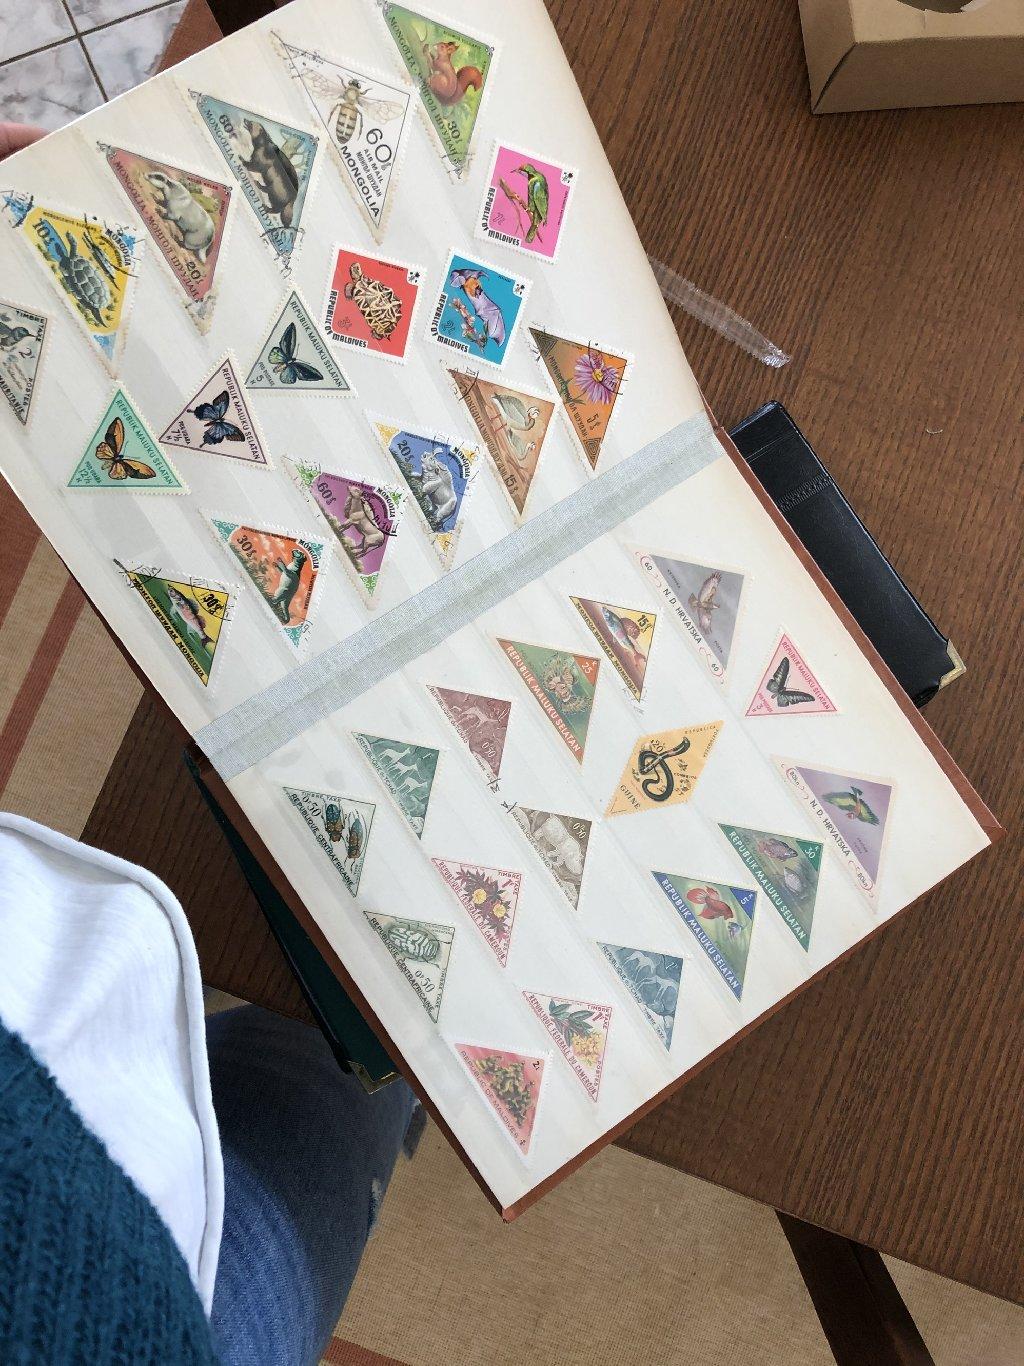 Γραμματόσημα από όλο τον κόσμο. Αρκετά παλιά μερικά